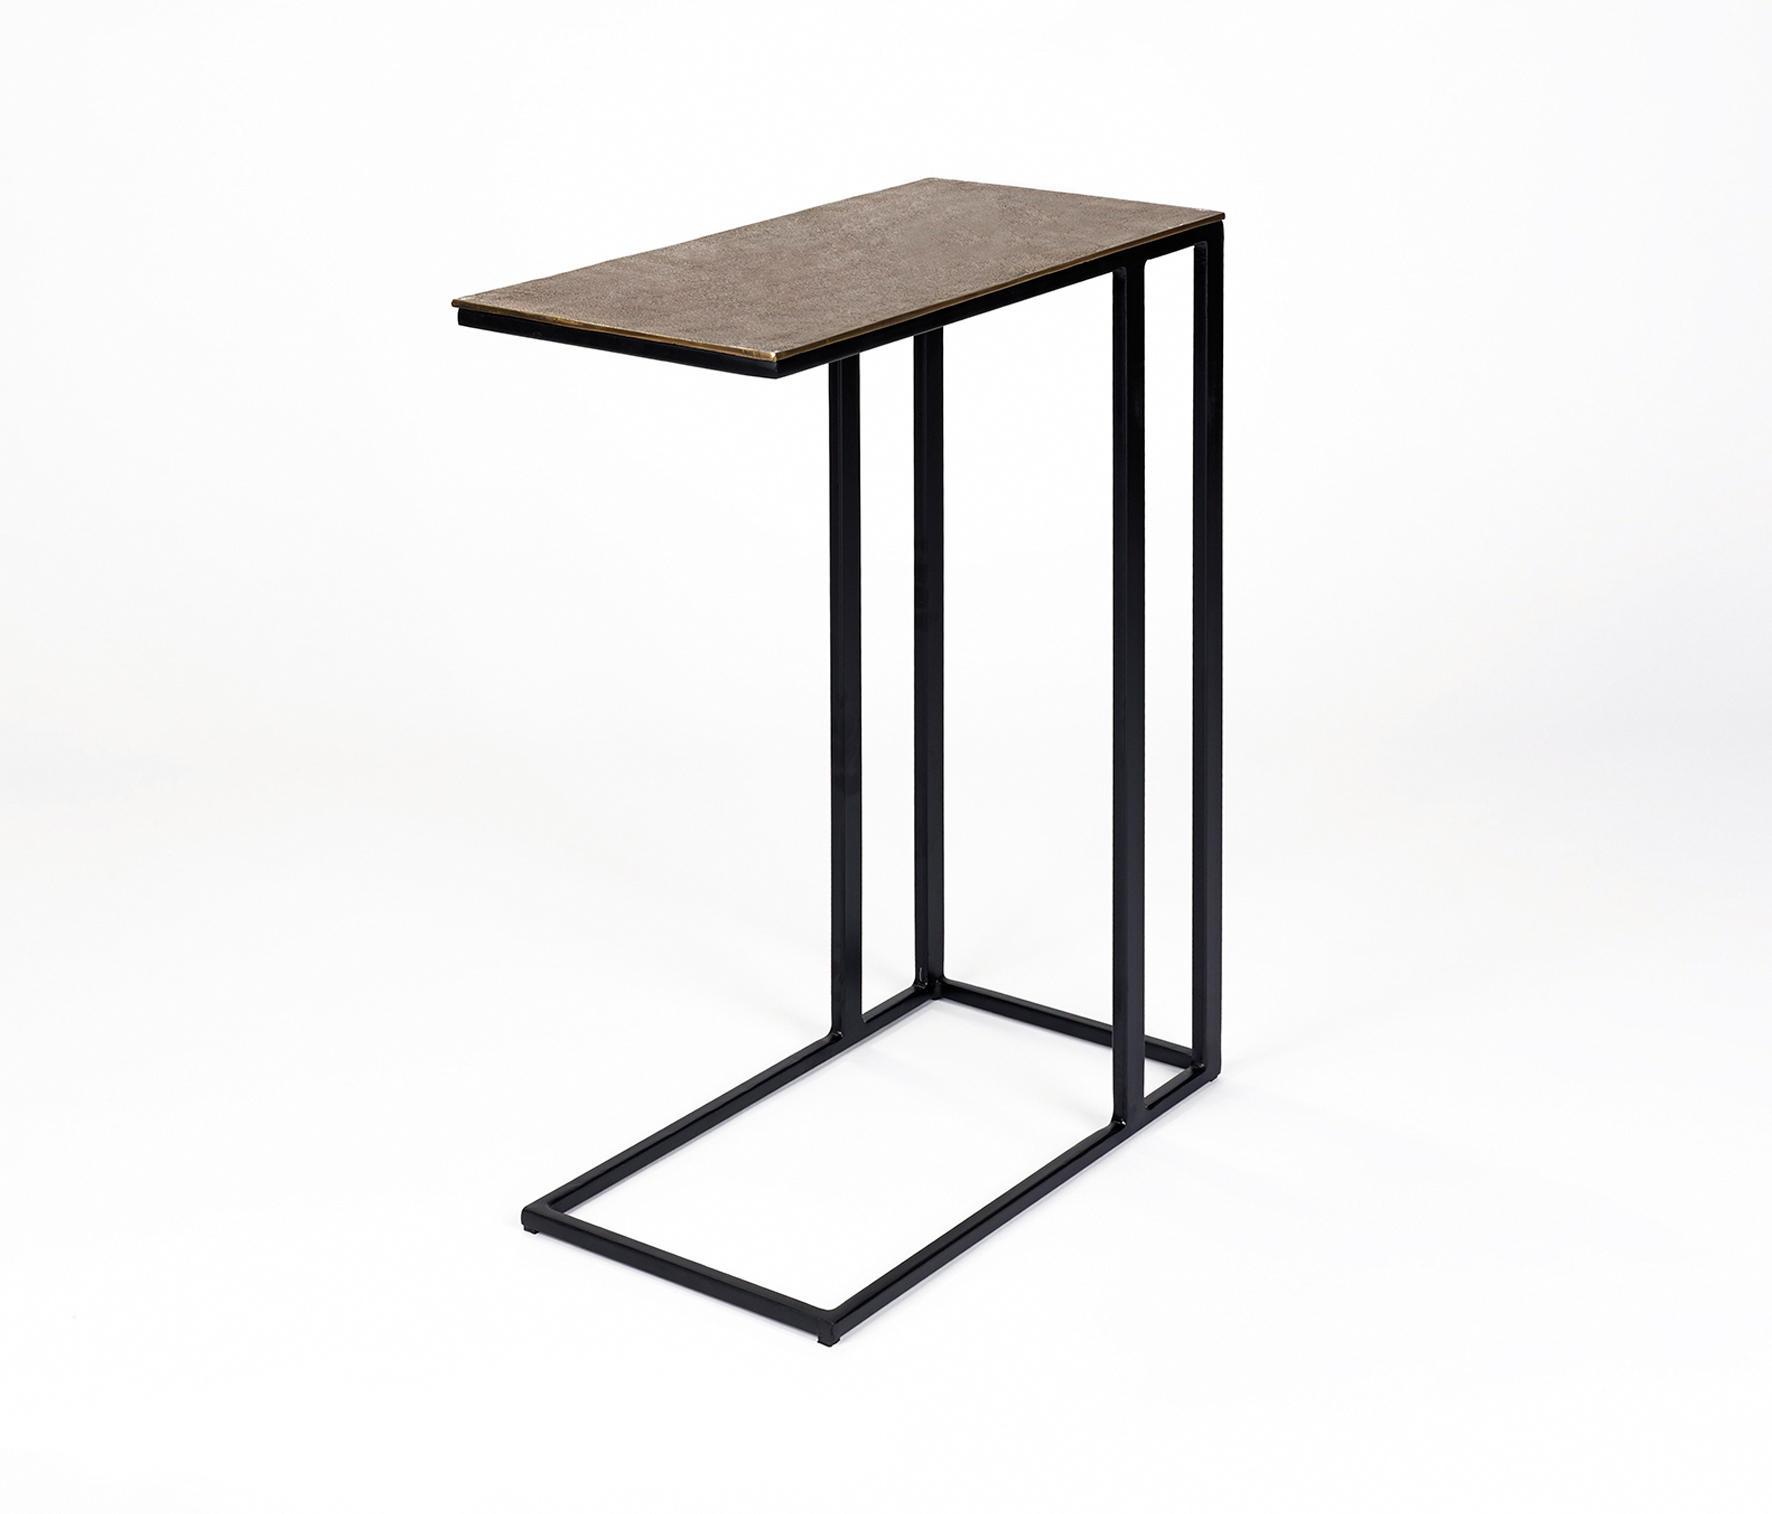 nara beistelltisch beistelltische von lambert architonic. Black Bedroom Furniture Sets. Home Design Ideas